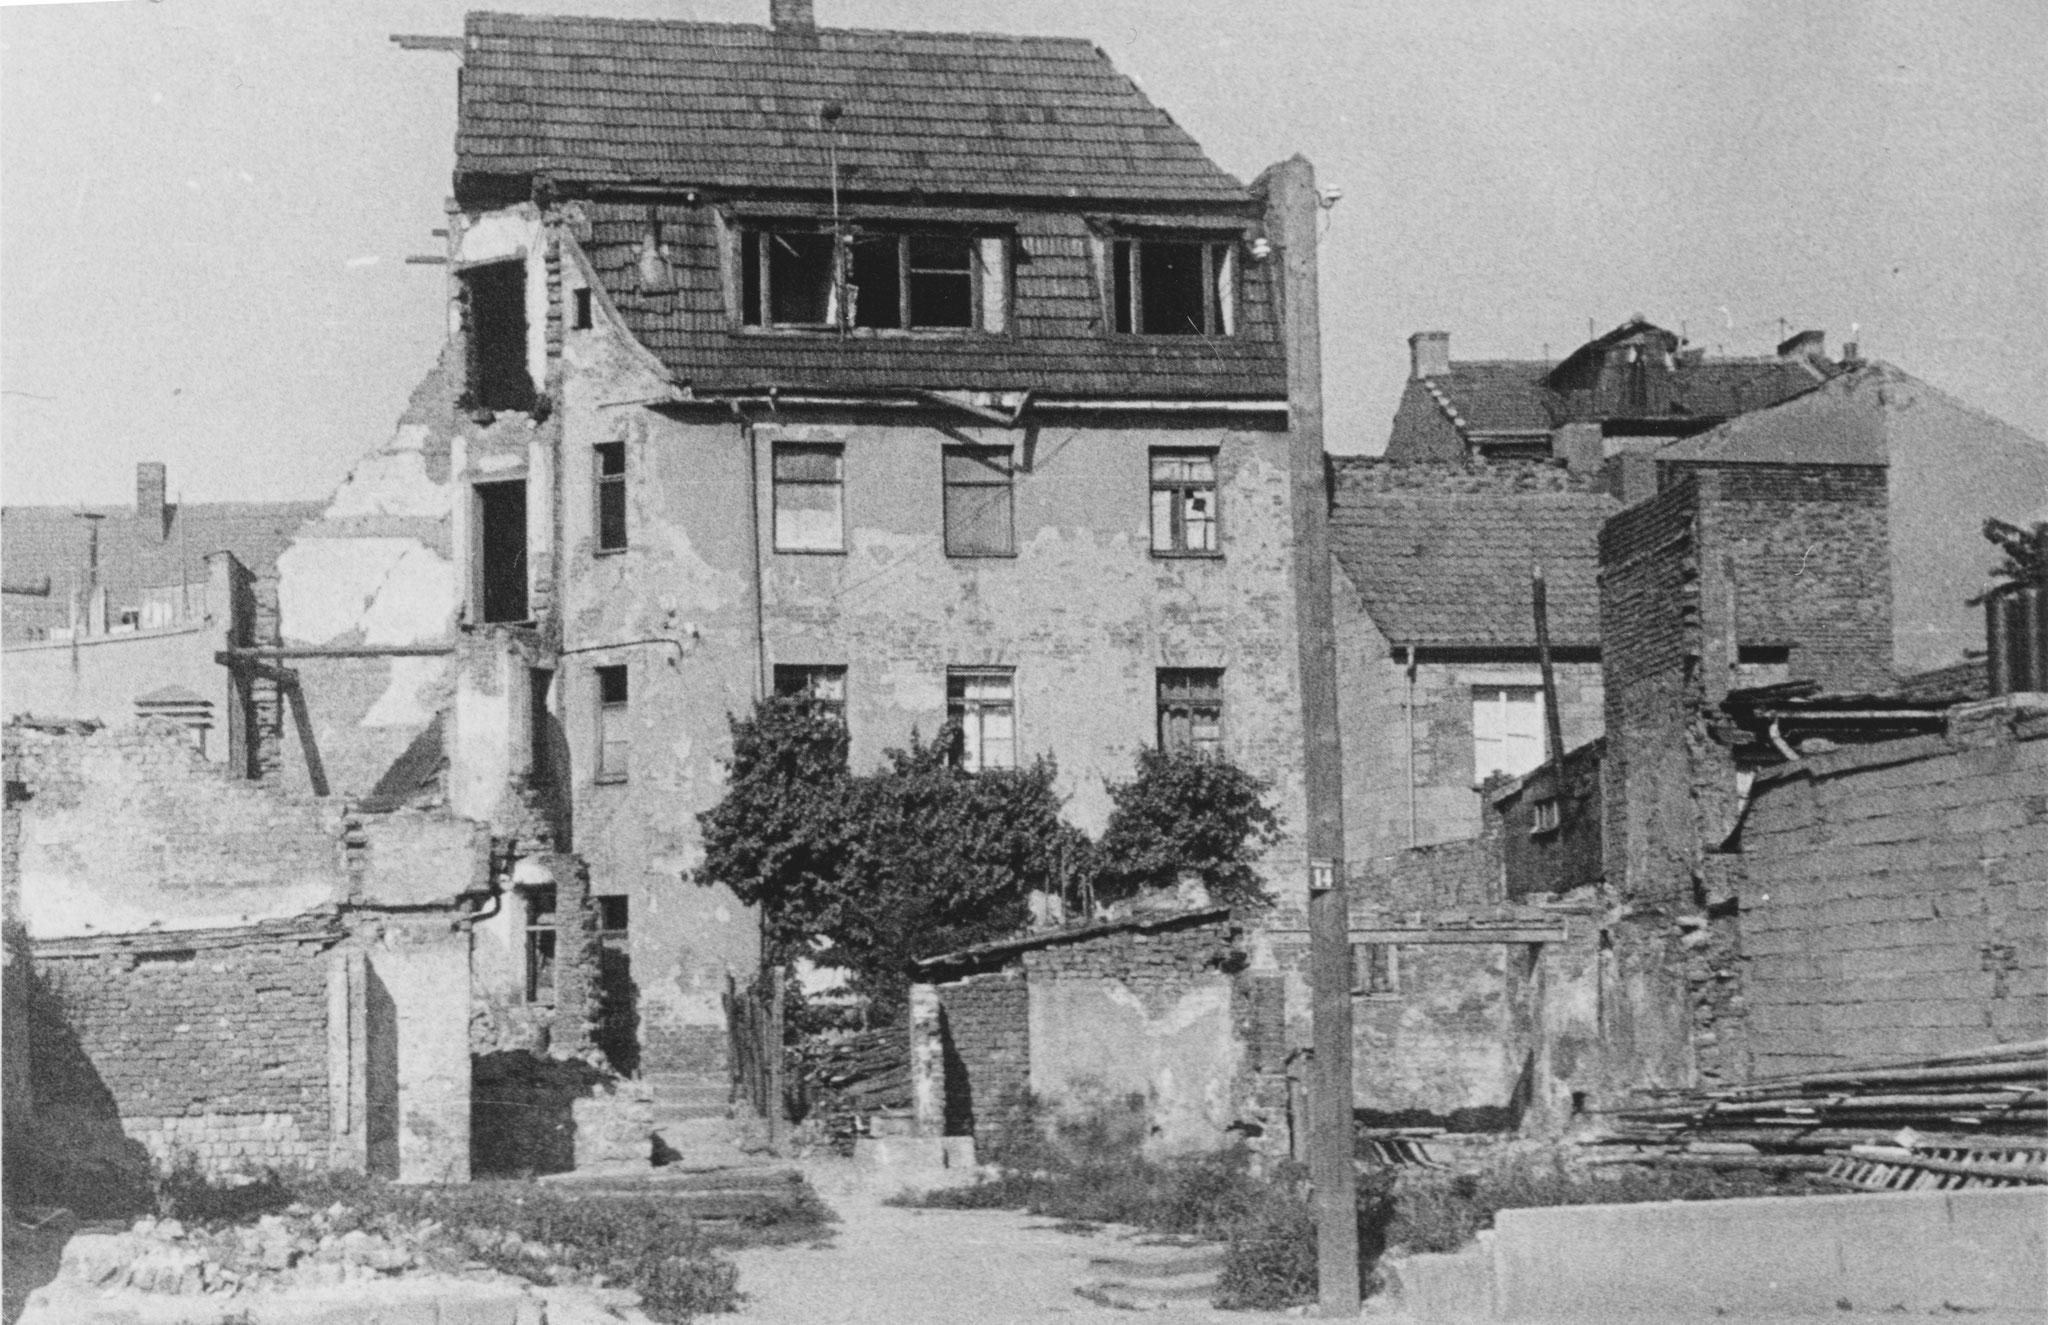 Hinterhof Wolfsgasee 14, nach Bombenangriff 1944